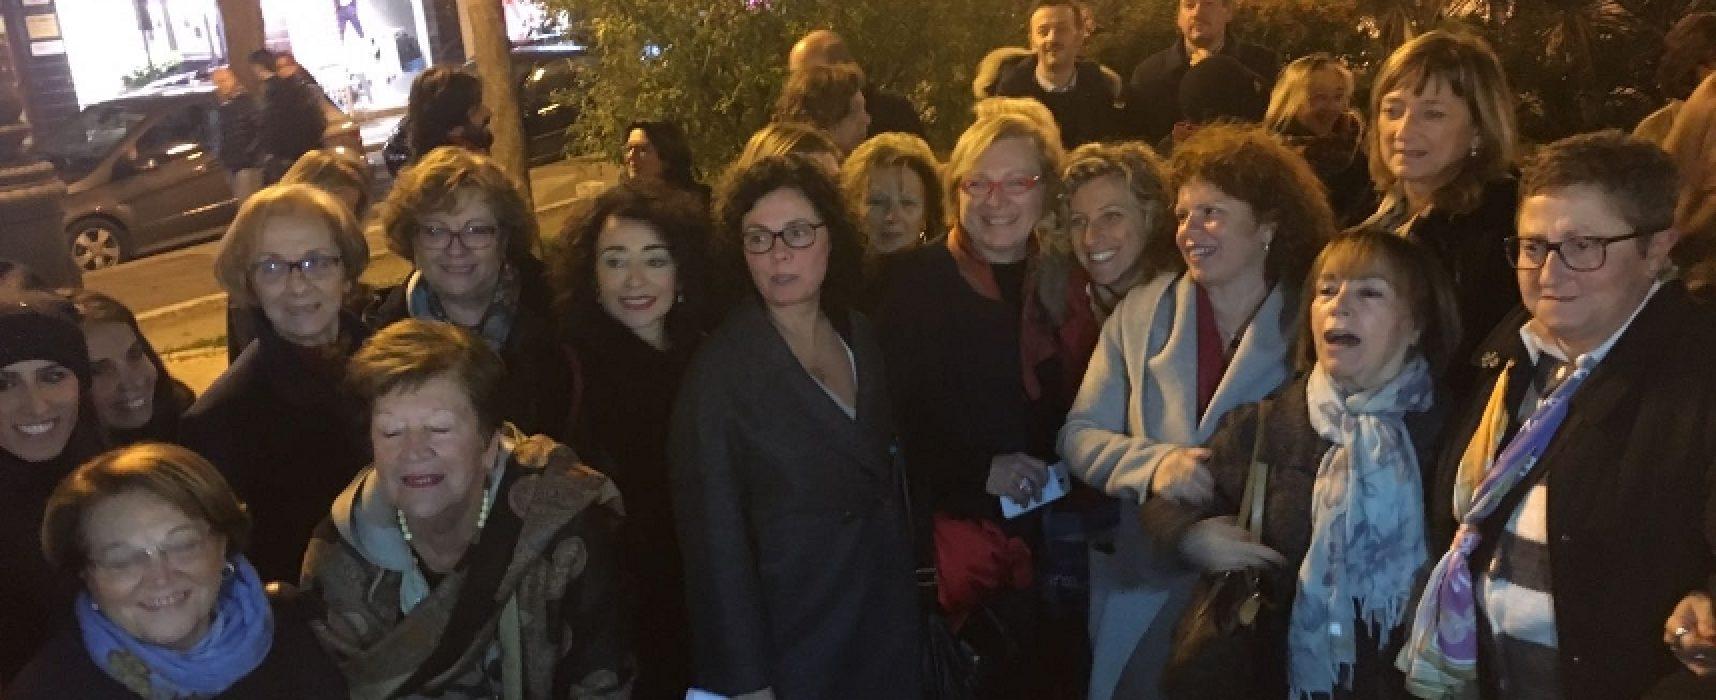 Fidapa: la presidente Lia Storelli racconta il lavoro svolto nel 2017 per la valorizzazione delle donne